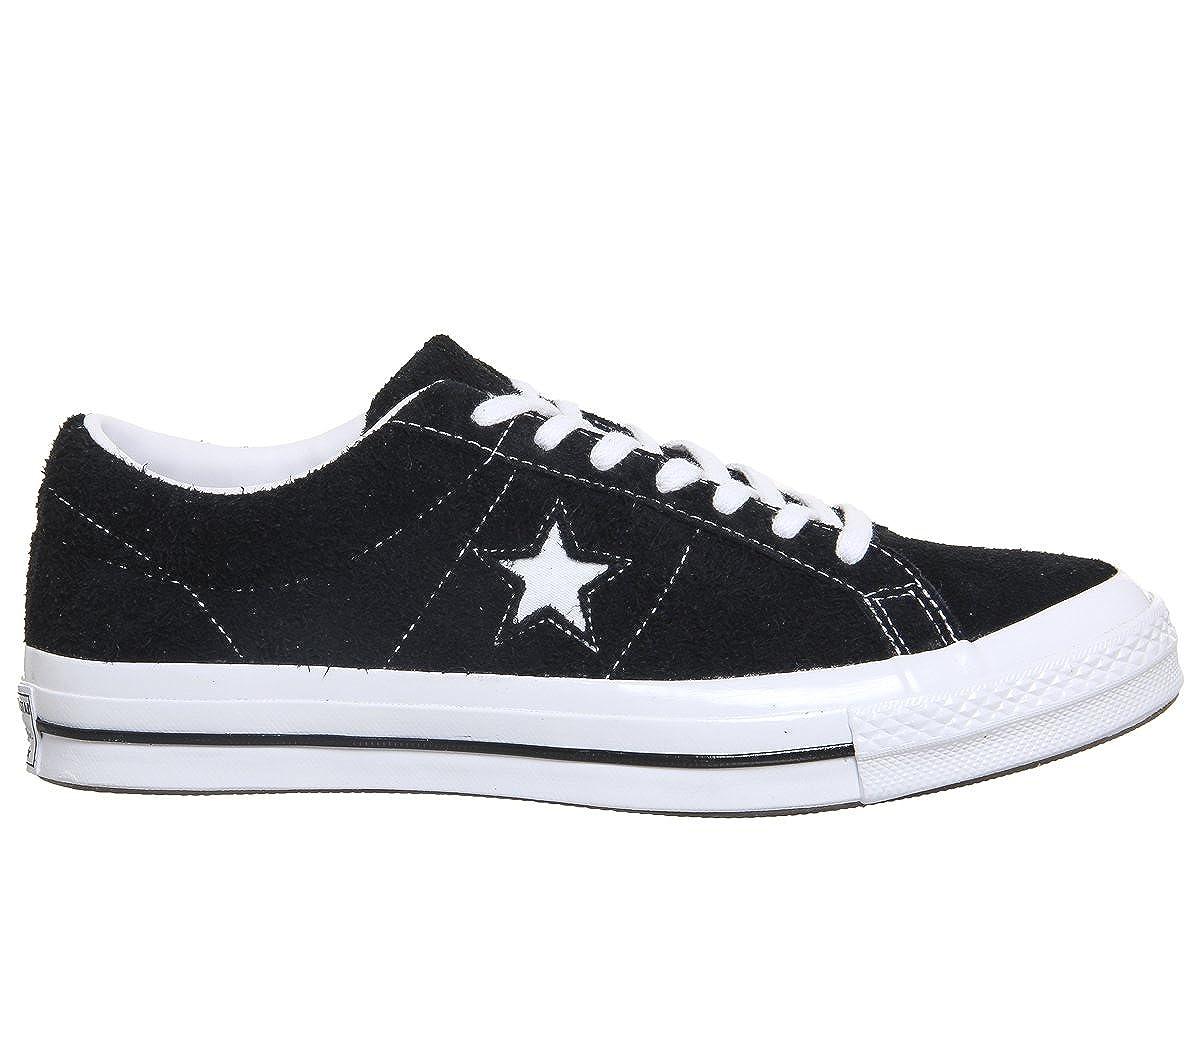 schwarz schwarz Weiß Converse Unisex-Erwachsene Lifestyle One Star Ox Leather Fitnessschuhe, Weißszlig;